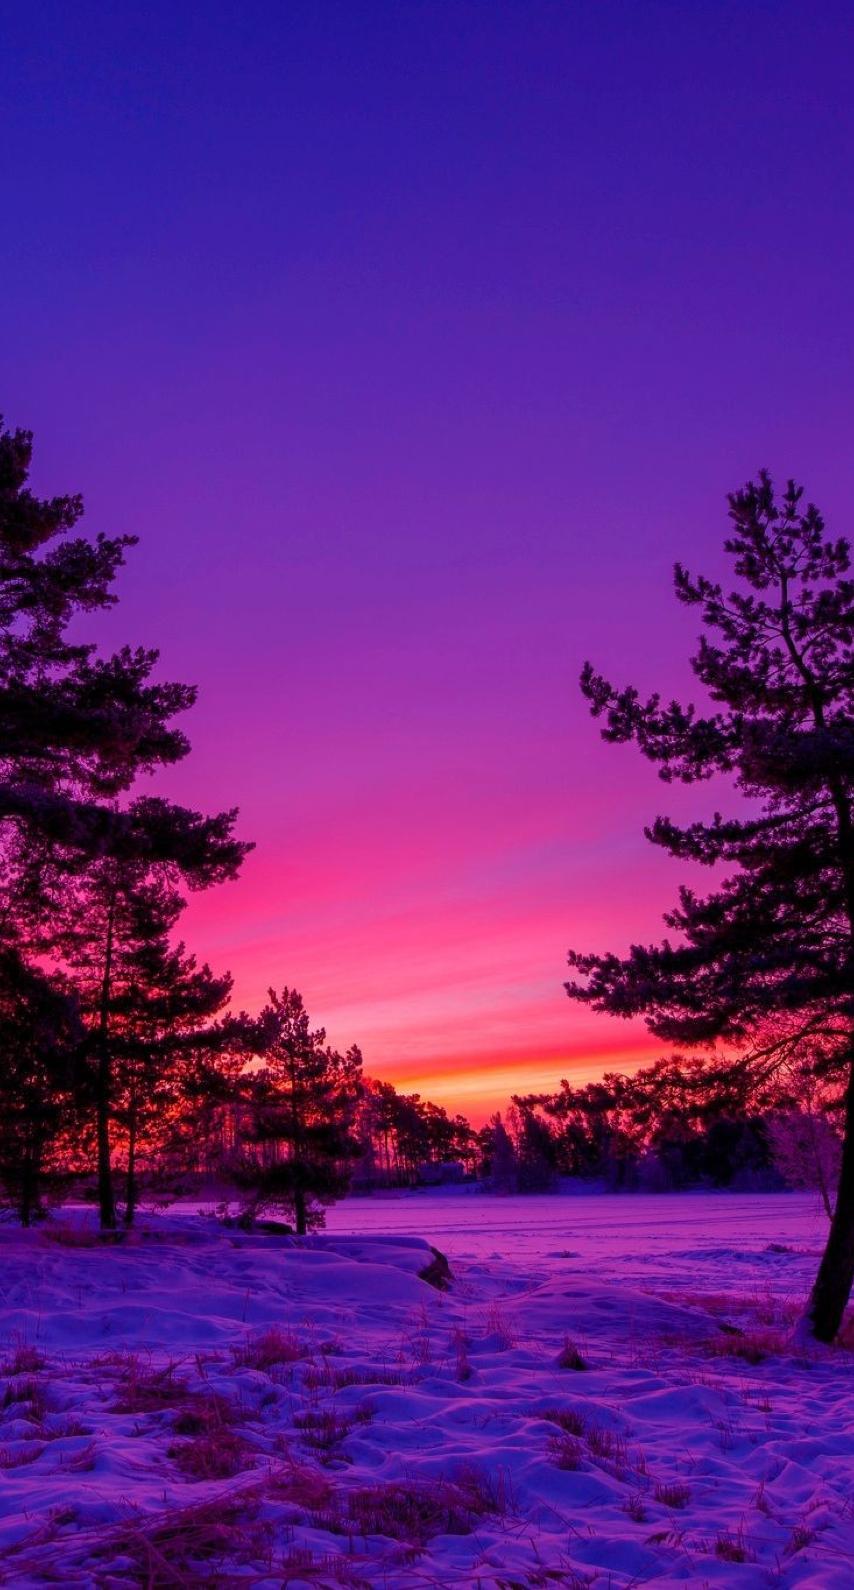 Épinglé par Rag89 sur Sfondi Photo paysage magnifique